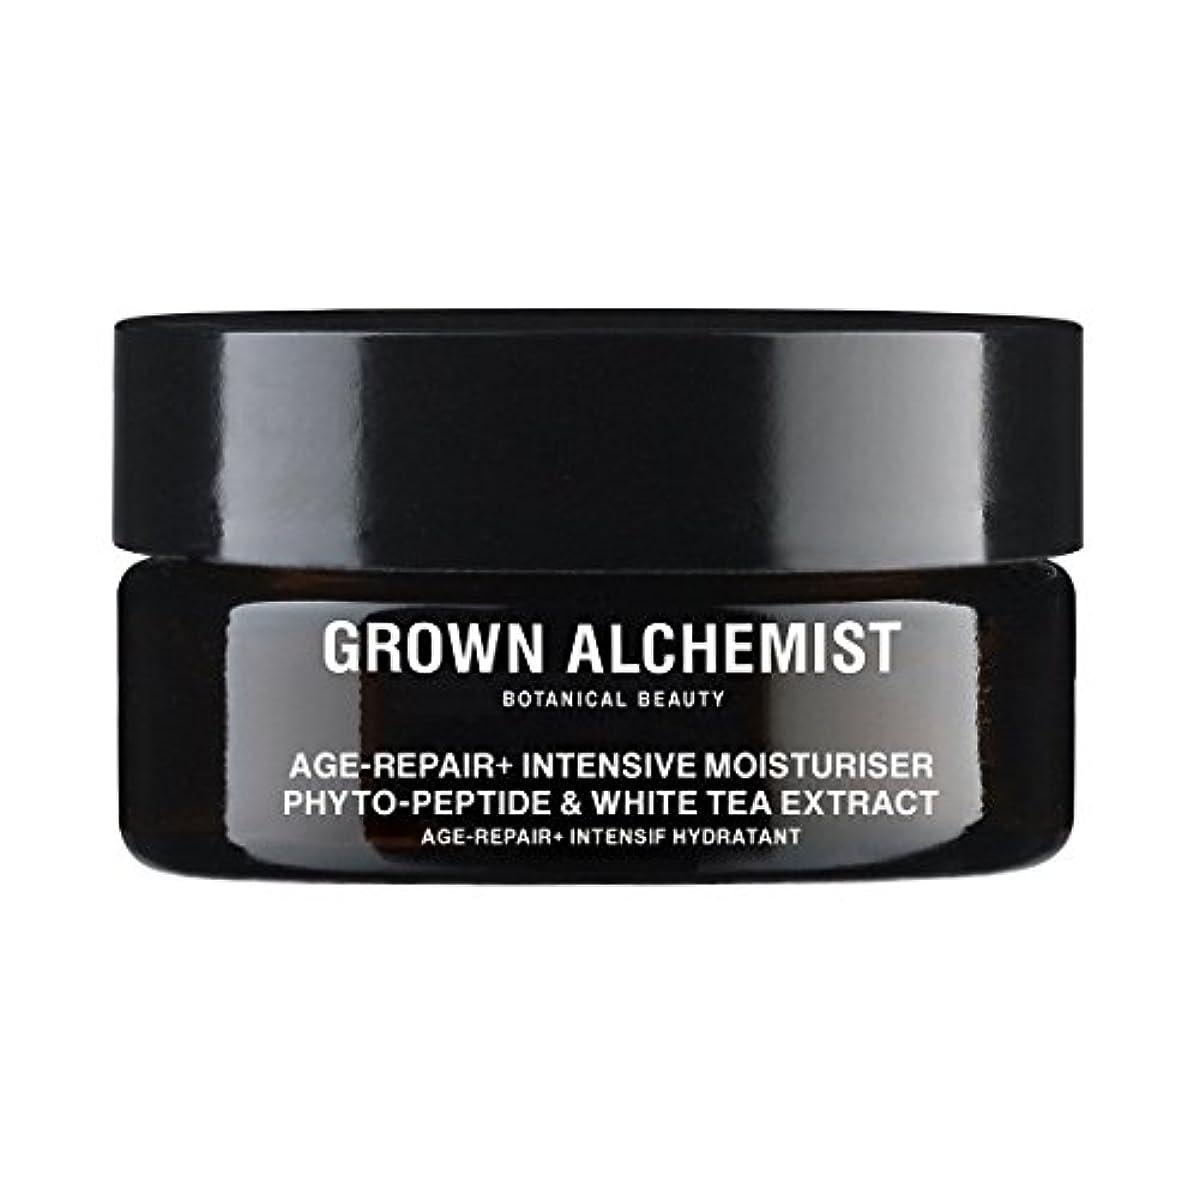 メディック過半数マニフェストGrown Alchemist Age-Repair+ Intensive Moisturiser - White Tea & Phyto-Peptide 40ml/1.35oz並行輸入品